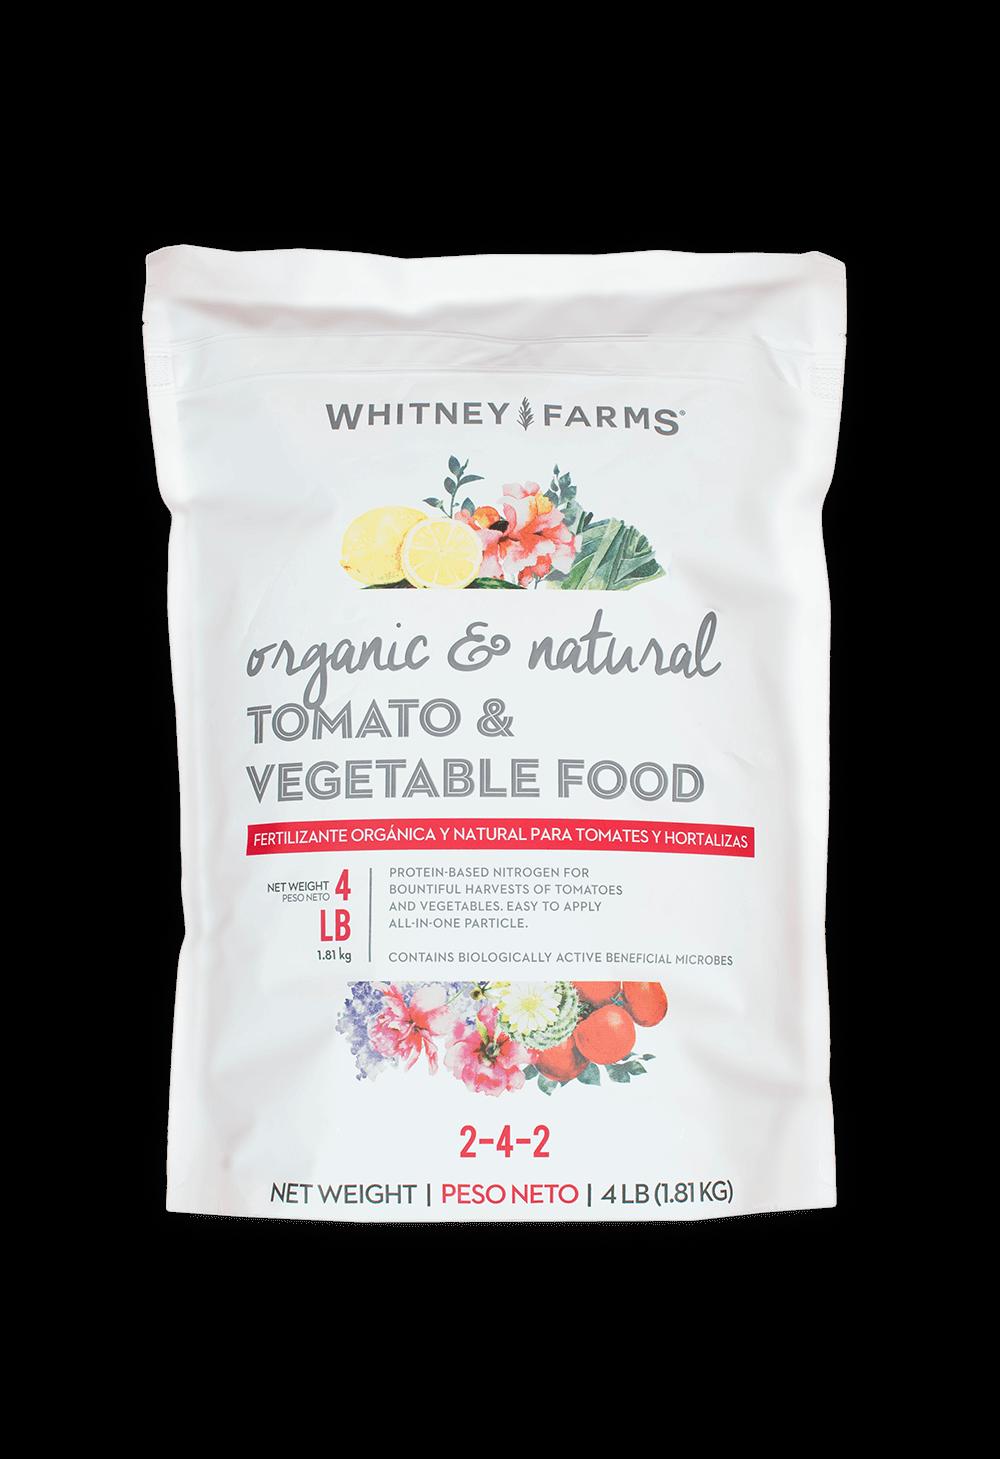 Tomato & Vegetable Food